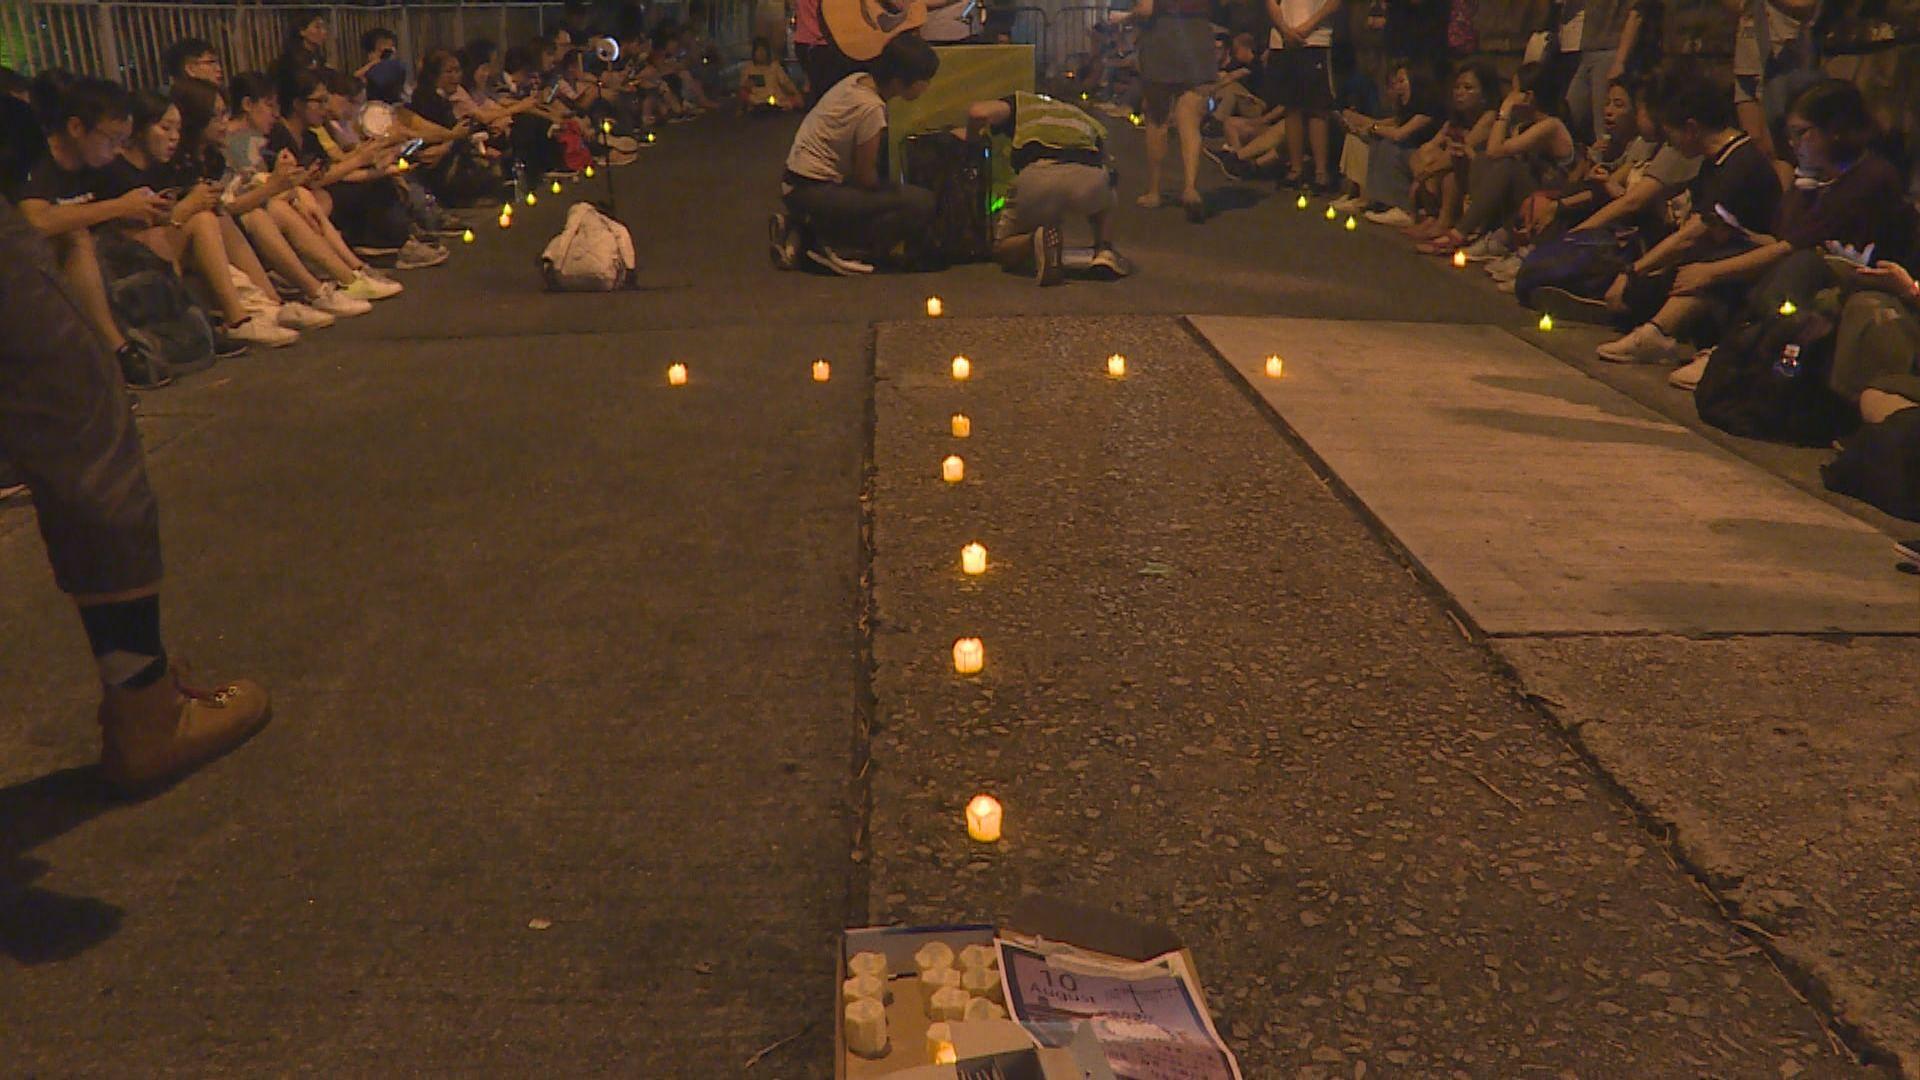 過百名教徒舉行燭光集會 盼林鄭回應訴求